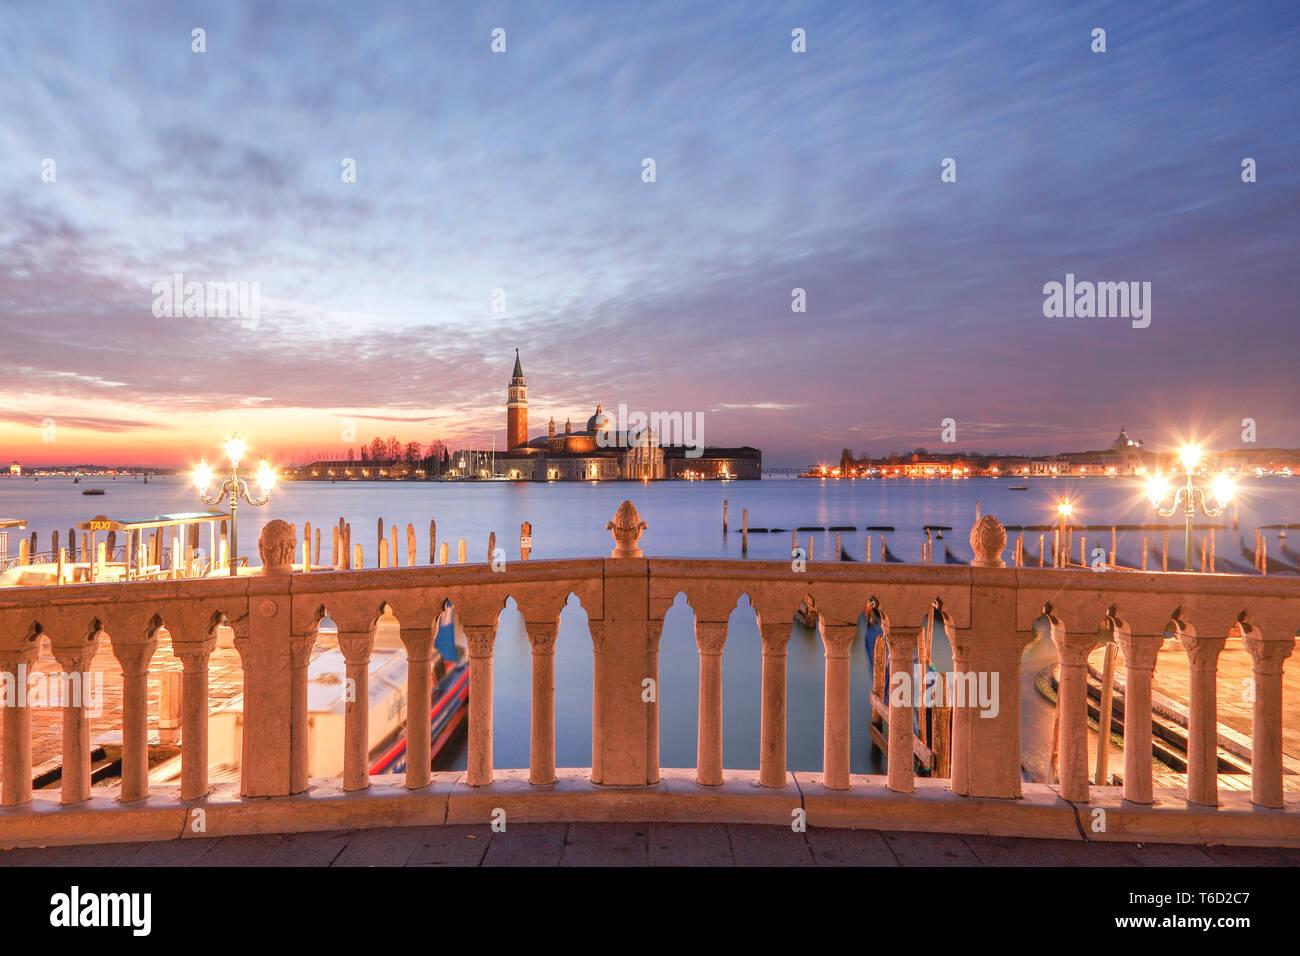 Sunrise, Bacino di San Marco, San Giorgio Maggiore Island in the Background, Venice, Veneto, Italy, Europe. - Stock Image